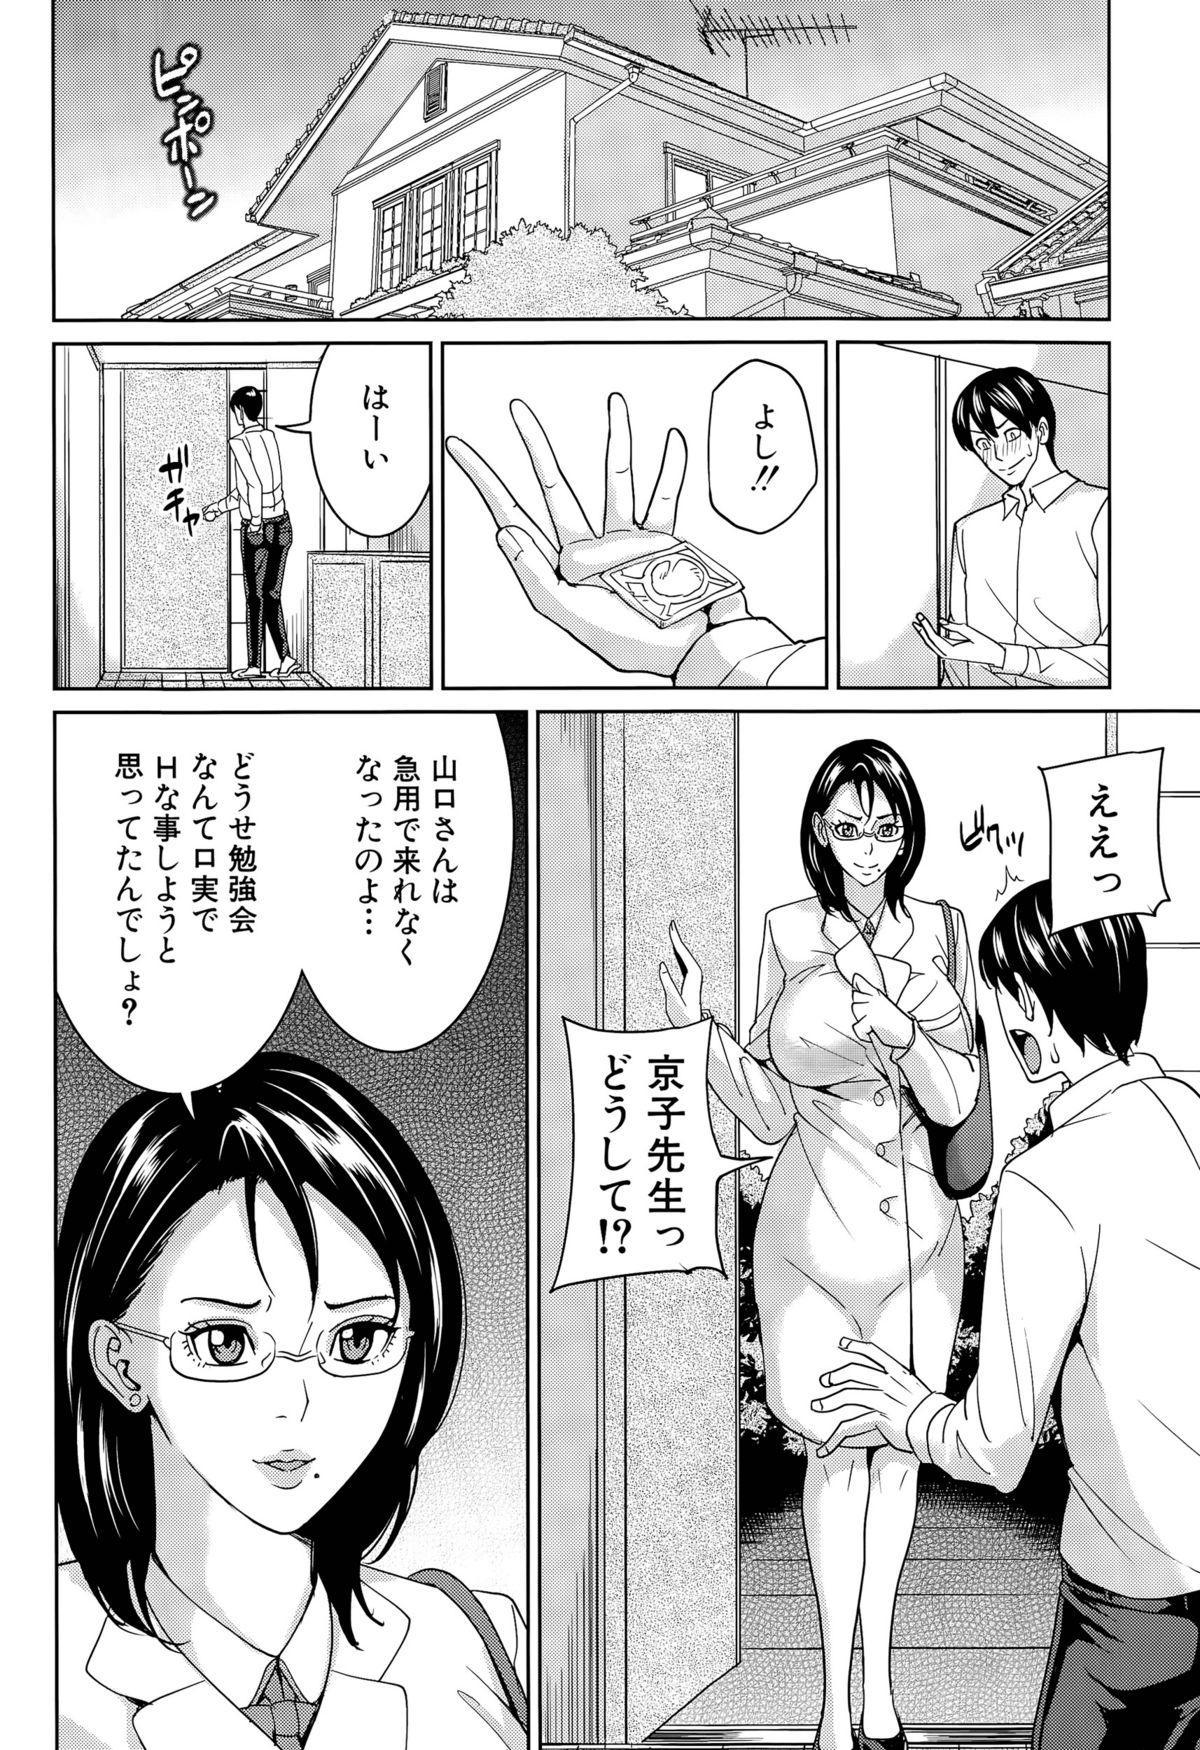 Kyouko Sensei to Boku no Himitsu 37